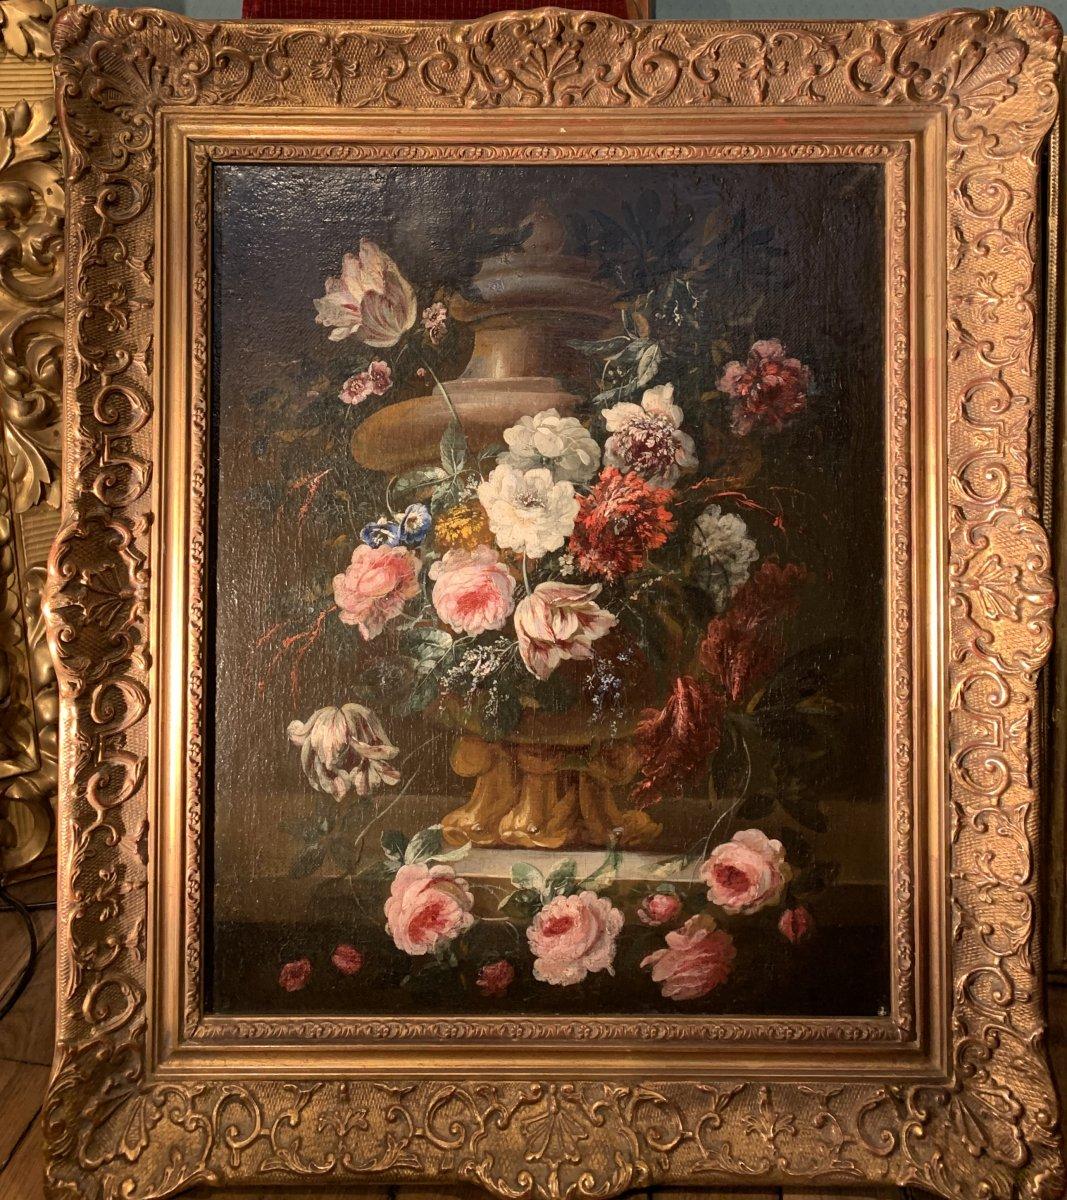 Gerbe de fleurs sur vase sculpté - Ecole flamande (Anvers) XVIIE G.P. Verbruggen (attr)